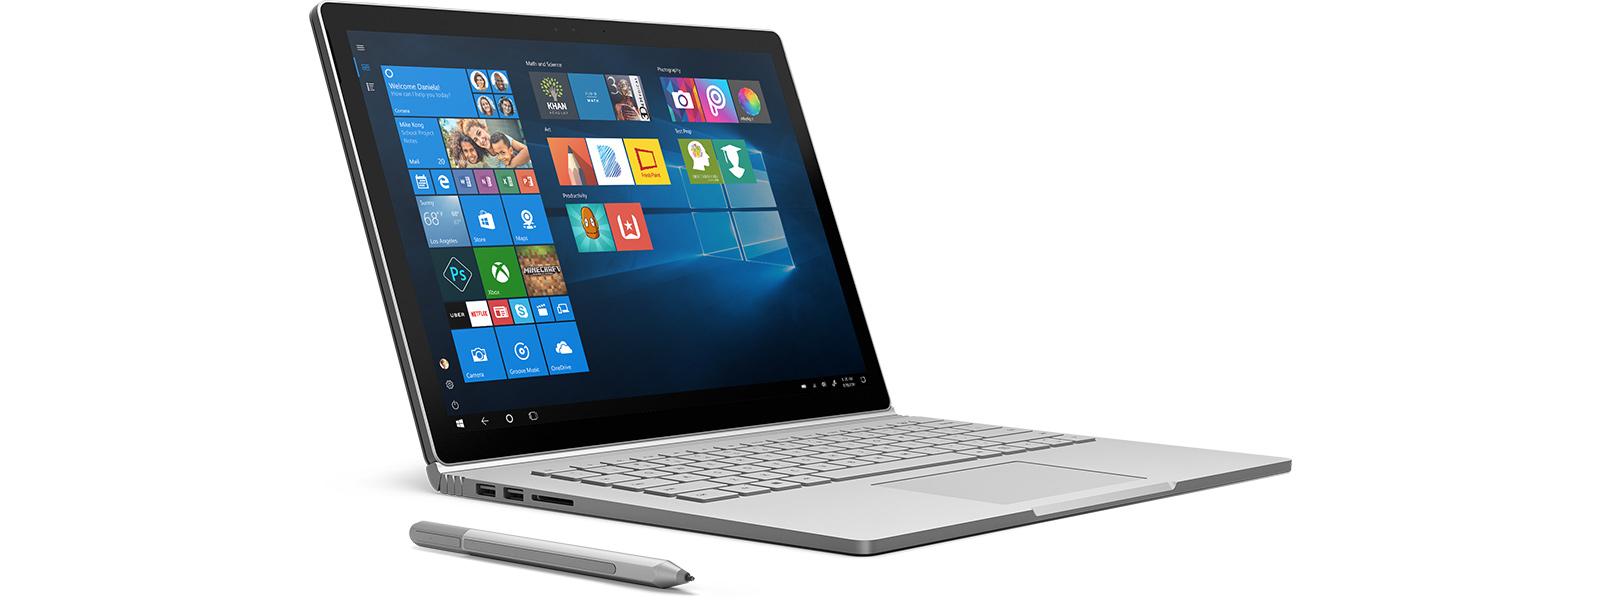 Appareil Windows10 affichant un écran d'accueil avec des applications.